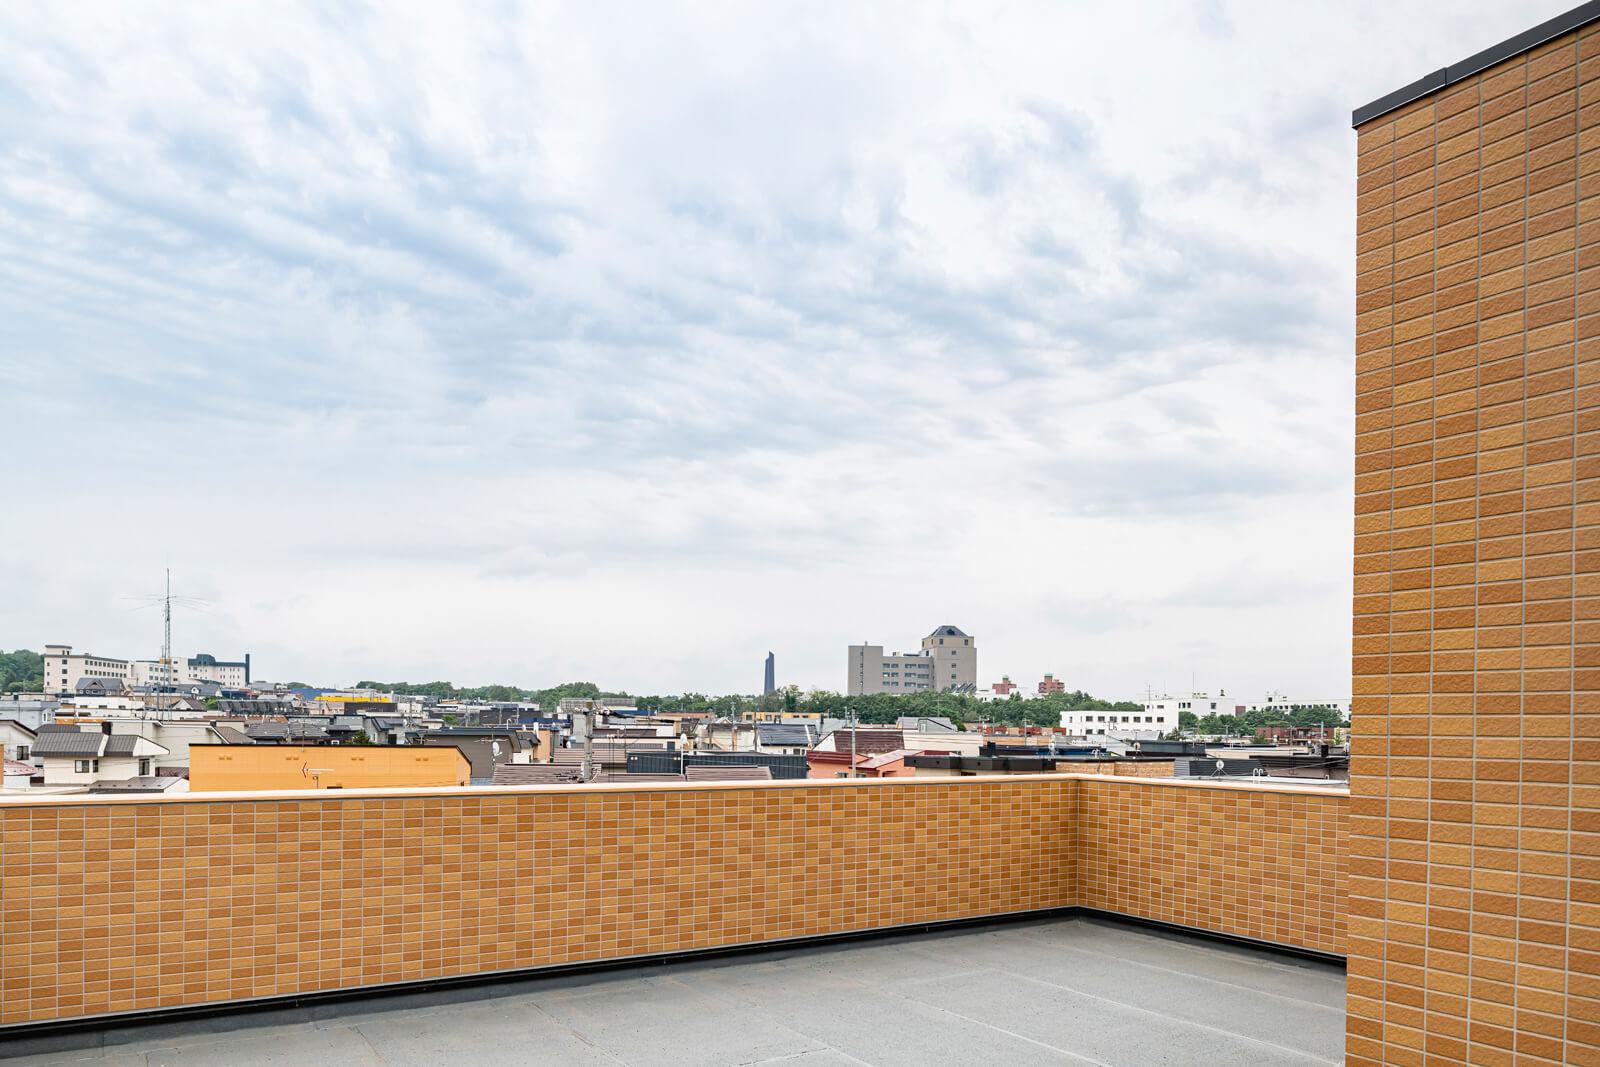 広い屋上の実現は、RC住宅ならでは。「夏はバーベキューをするのもいいかも」とKさん